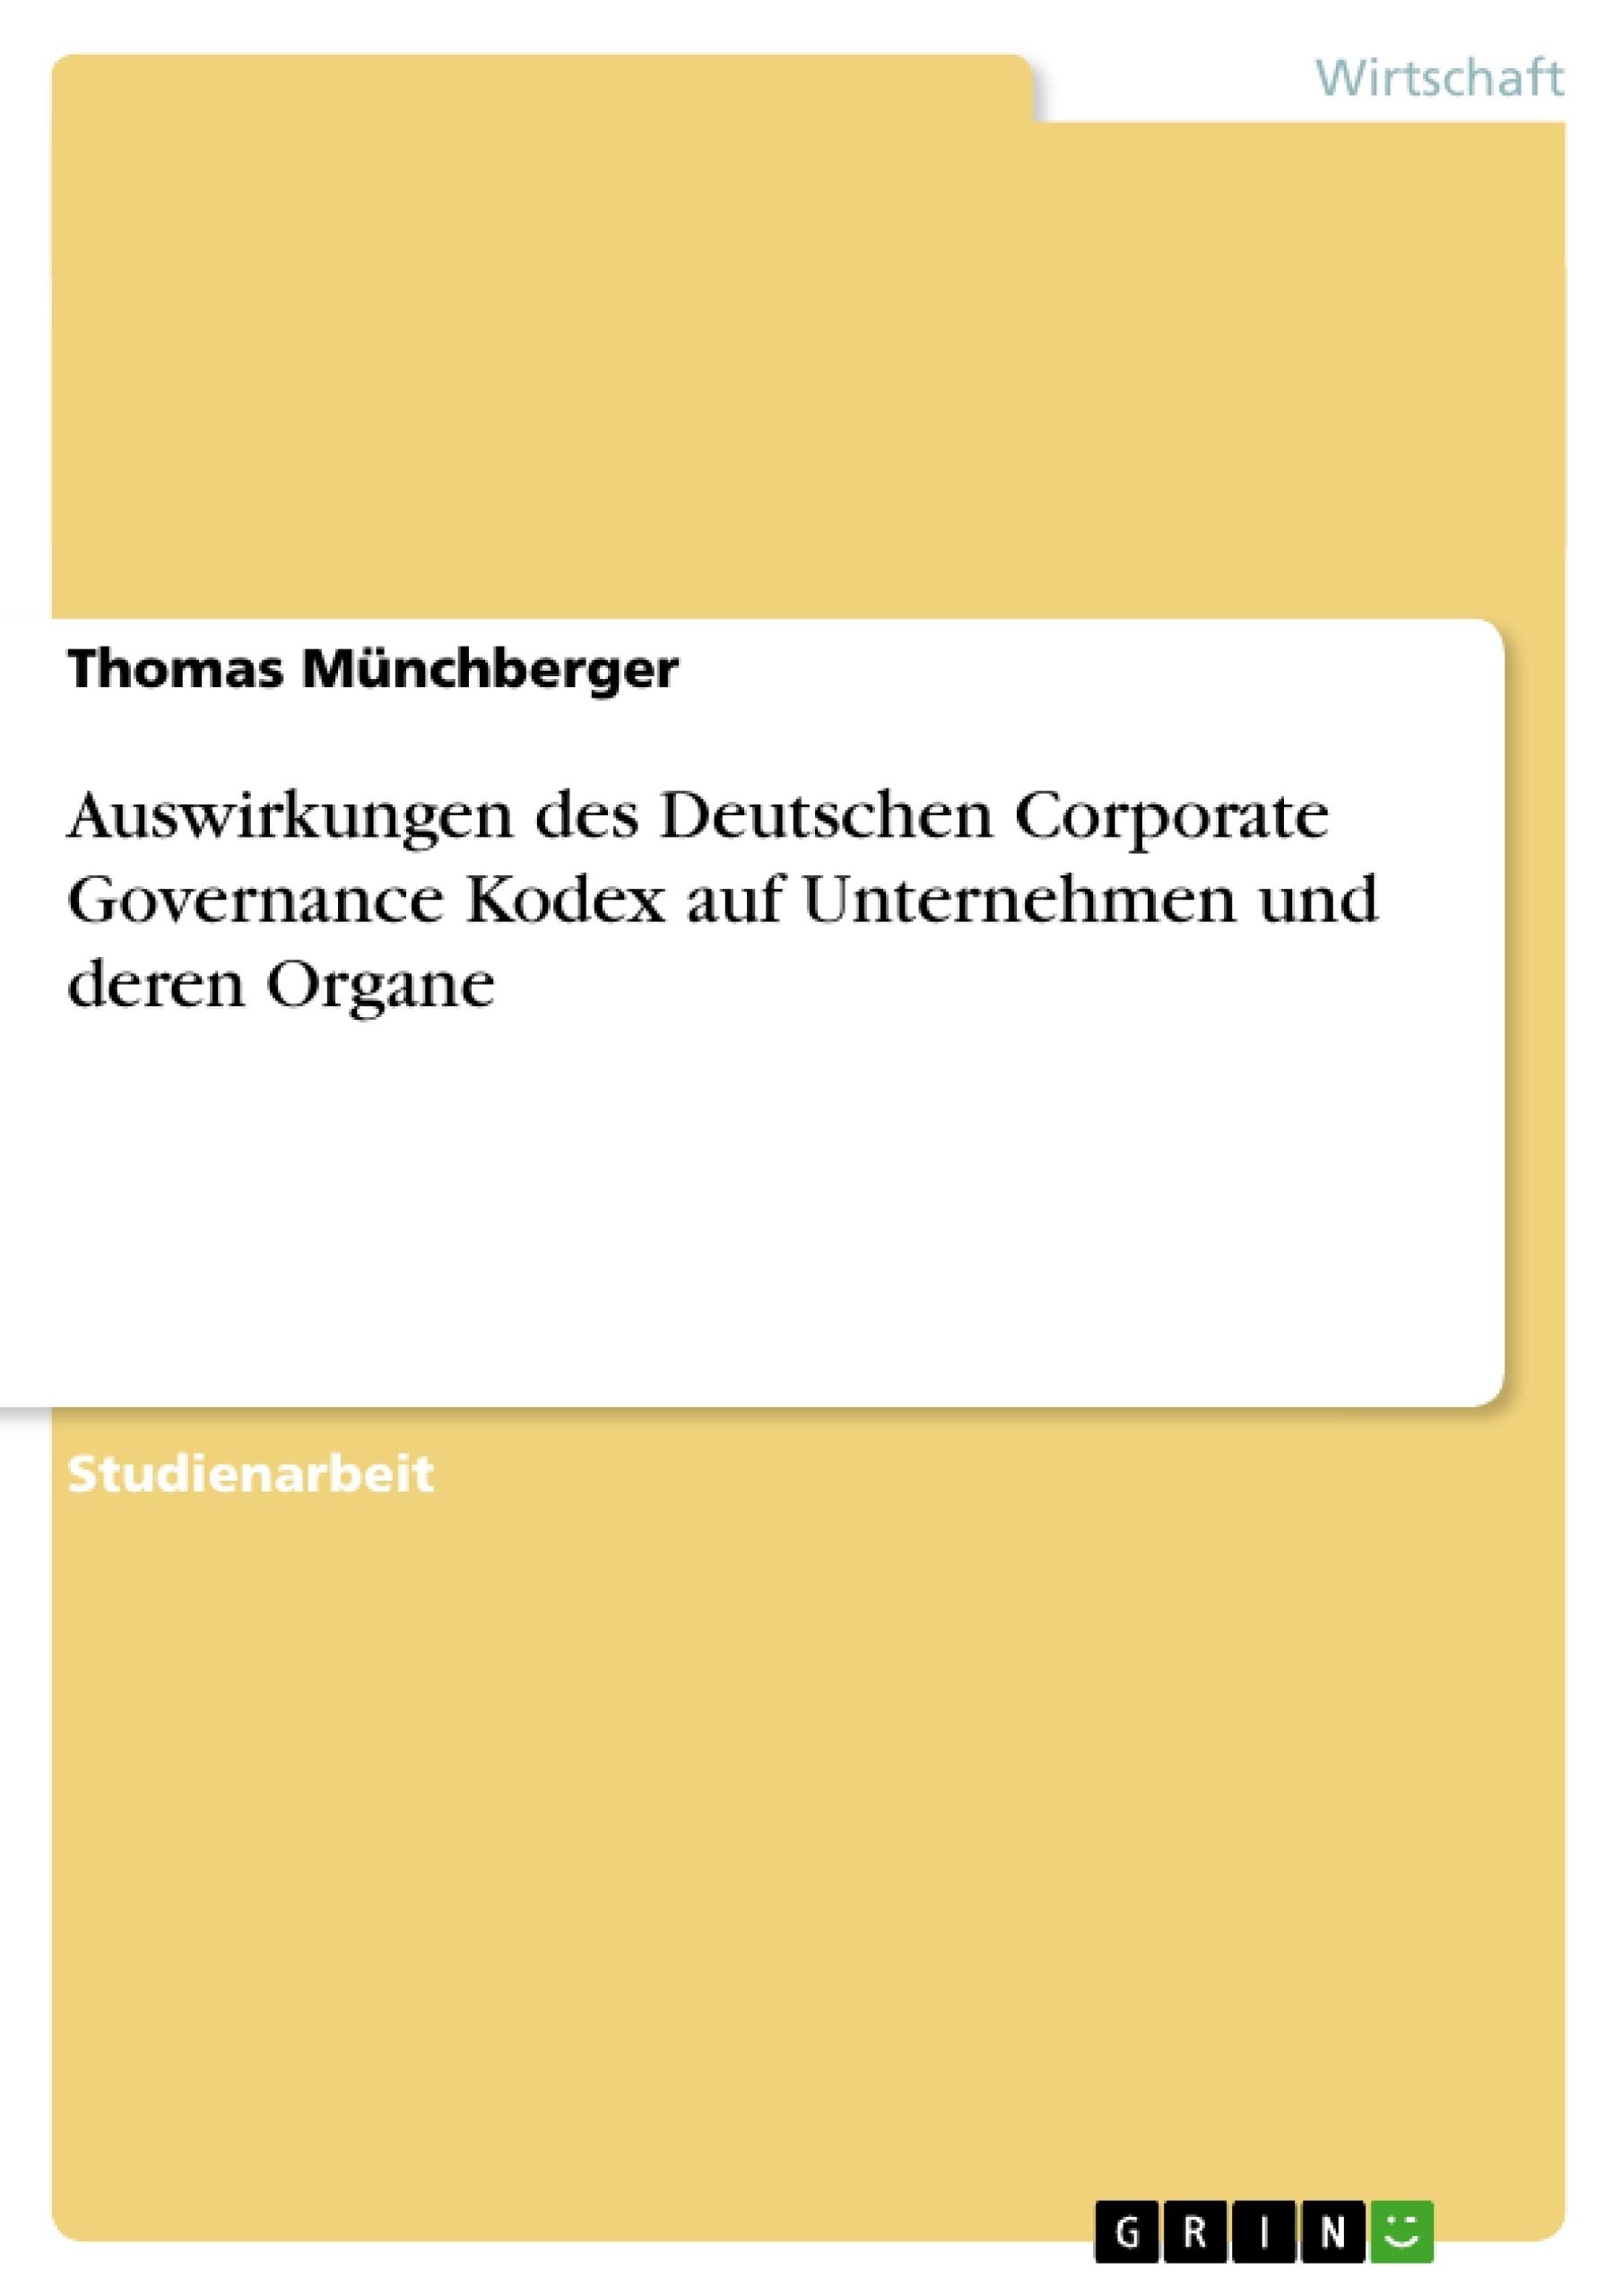 Titel: Auswirkungen des Deutschen Corporate Governance Kodex auf Unternehmen und deren Organe